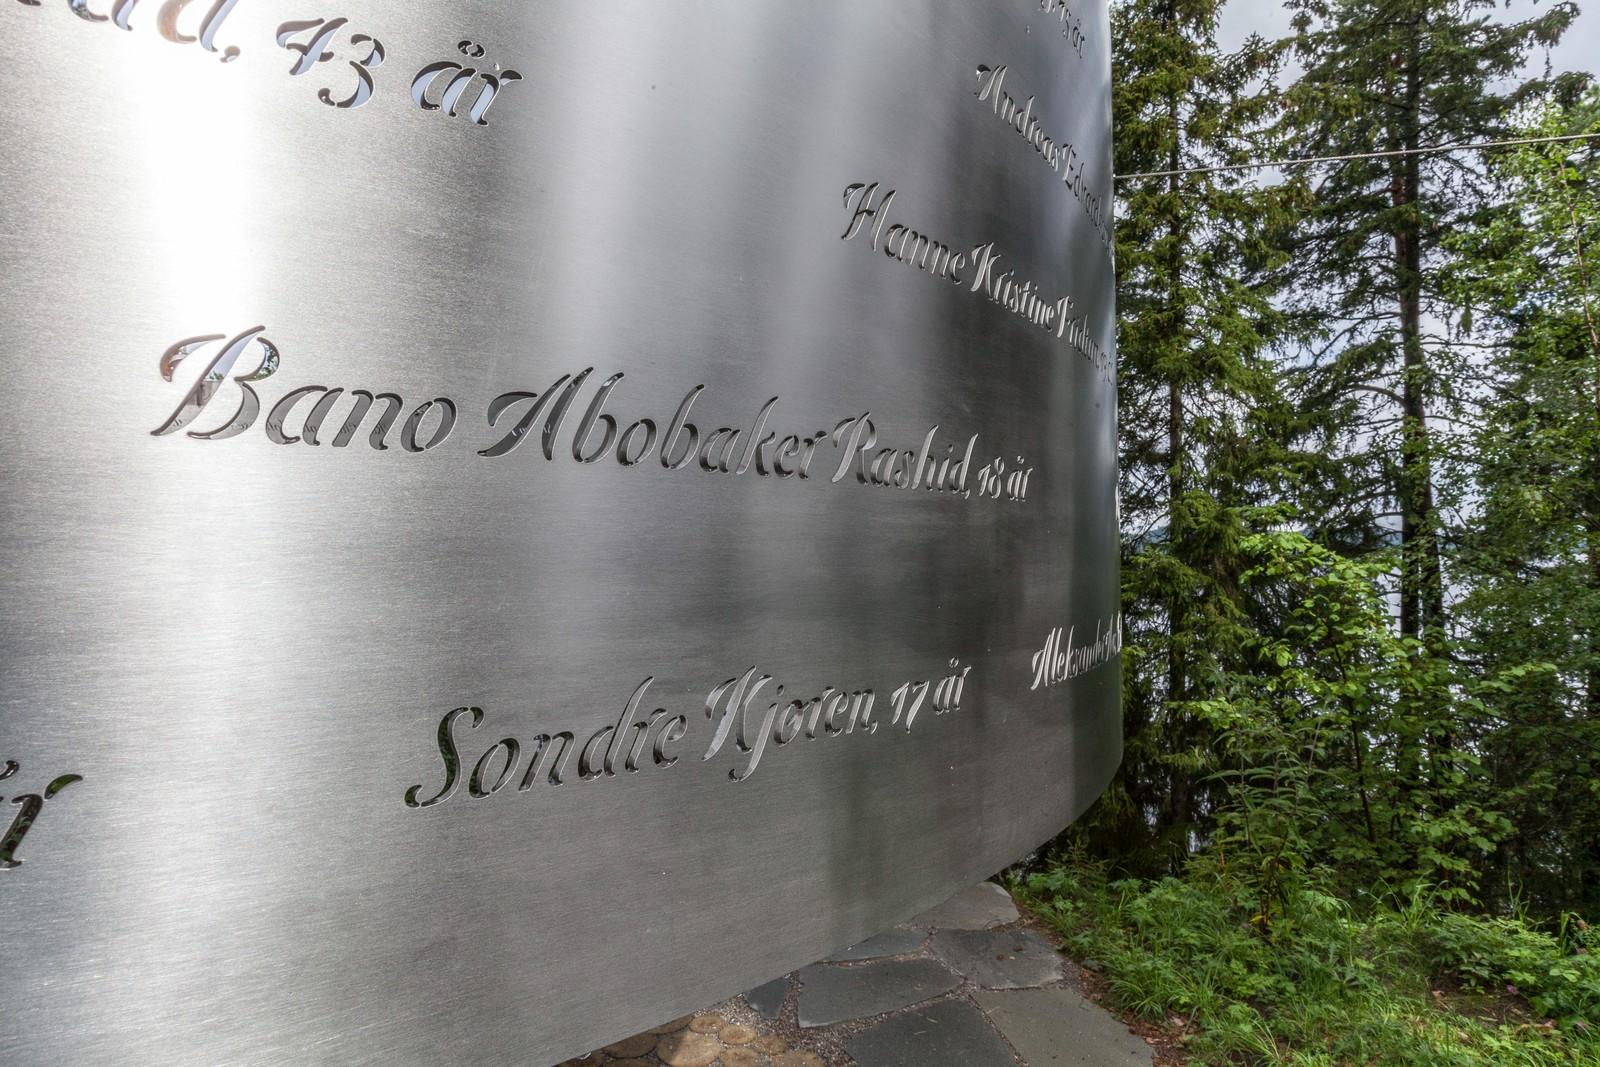 Navnene og alderen til de fleste av ofrene er hugd inn i minnesmerket.